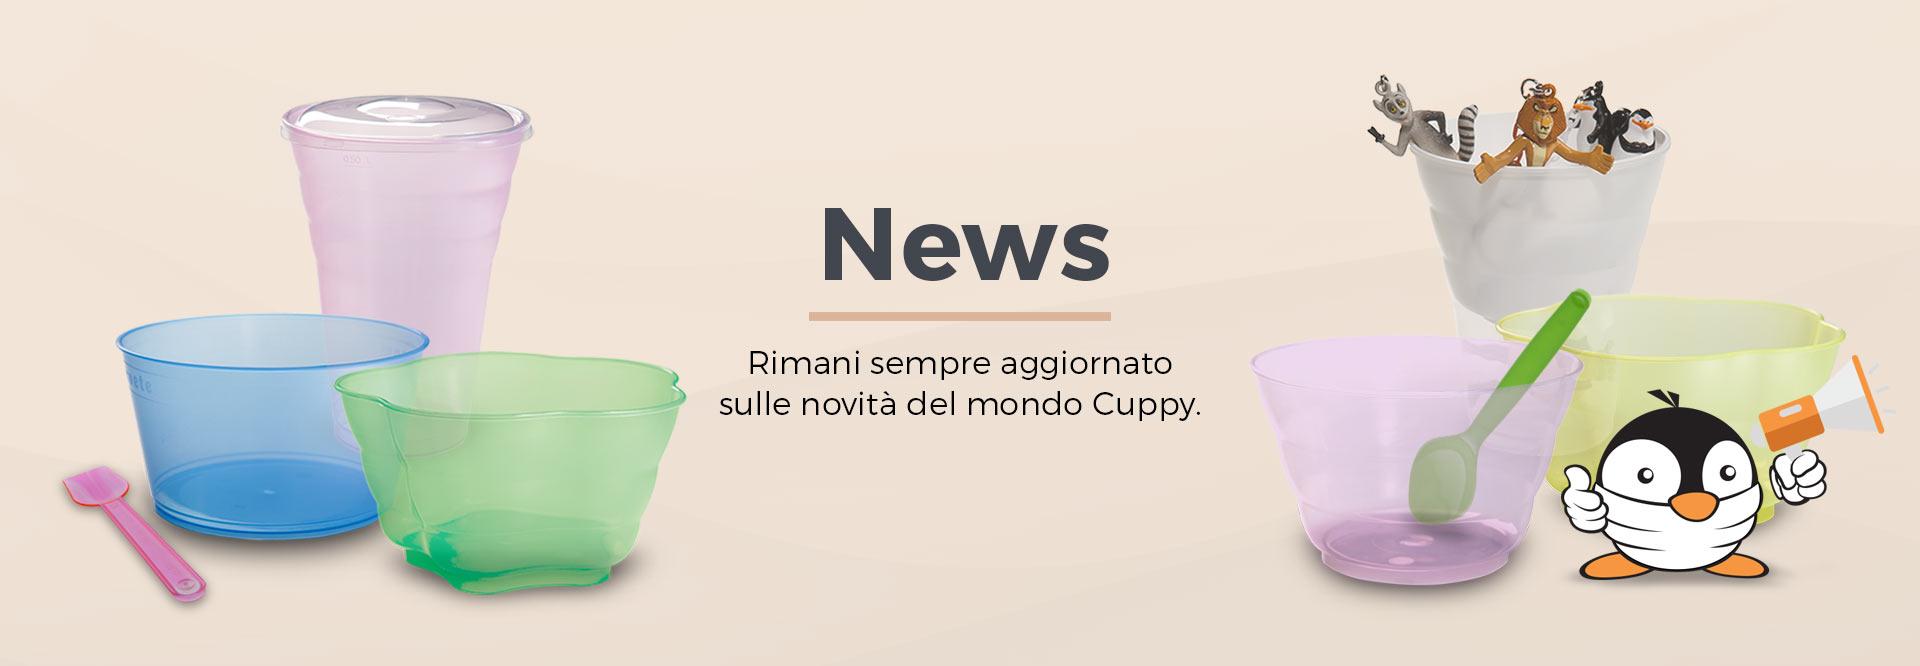 it-header-cuppy-news-1